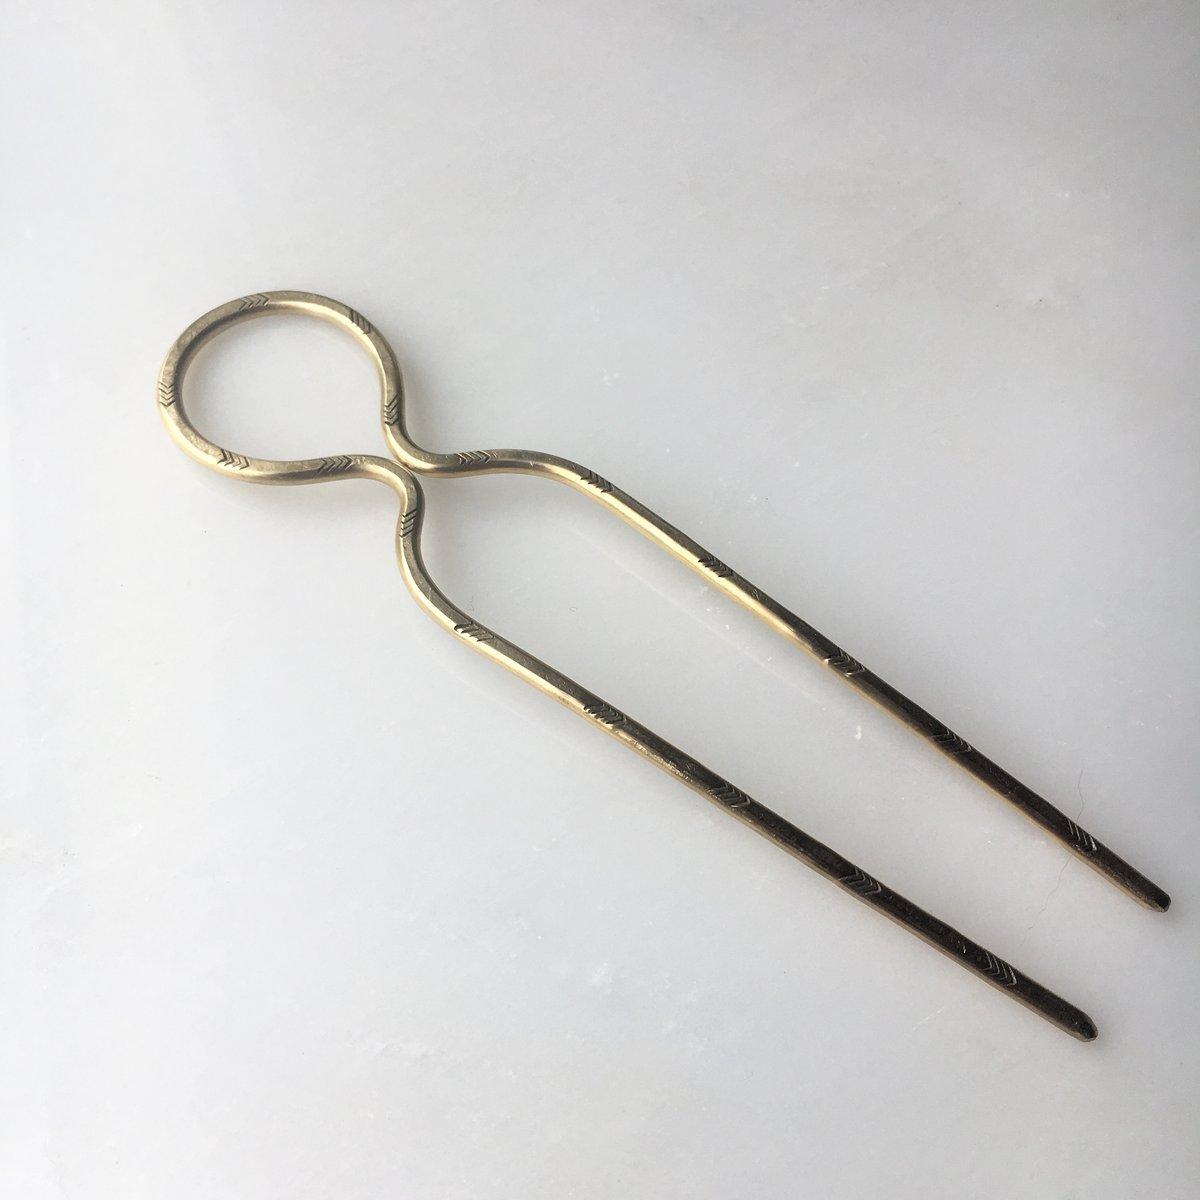 Image of stamped loop hair pin